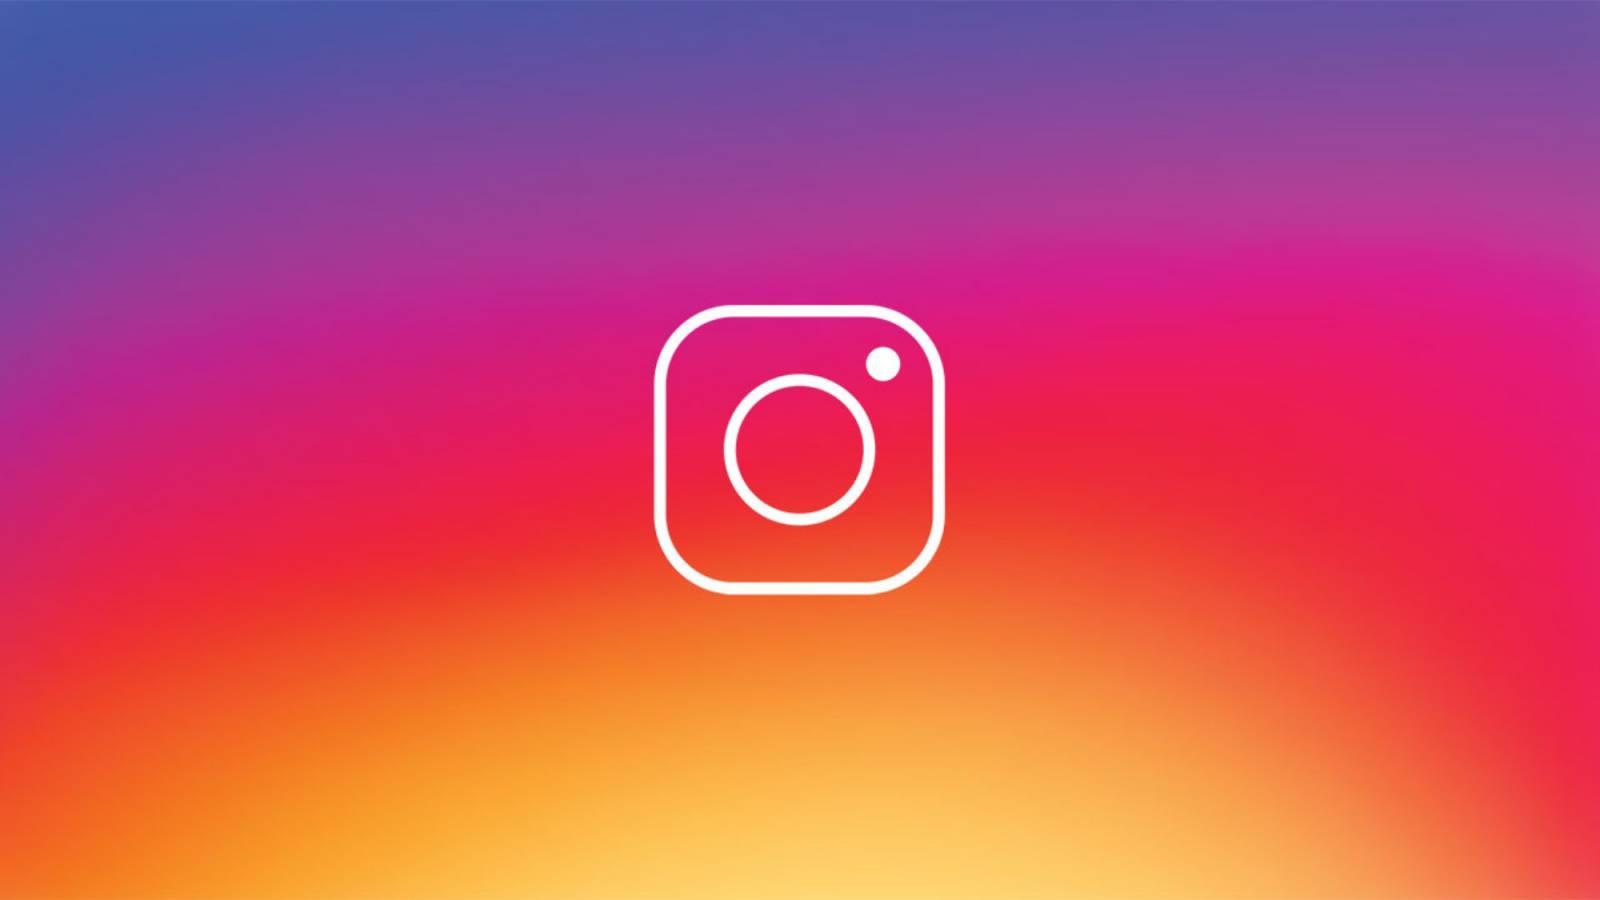 Instagram Update Lansat Telefoanele Mobile